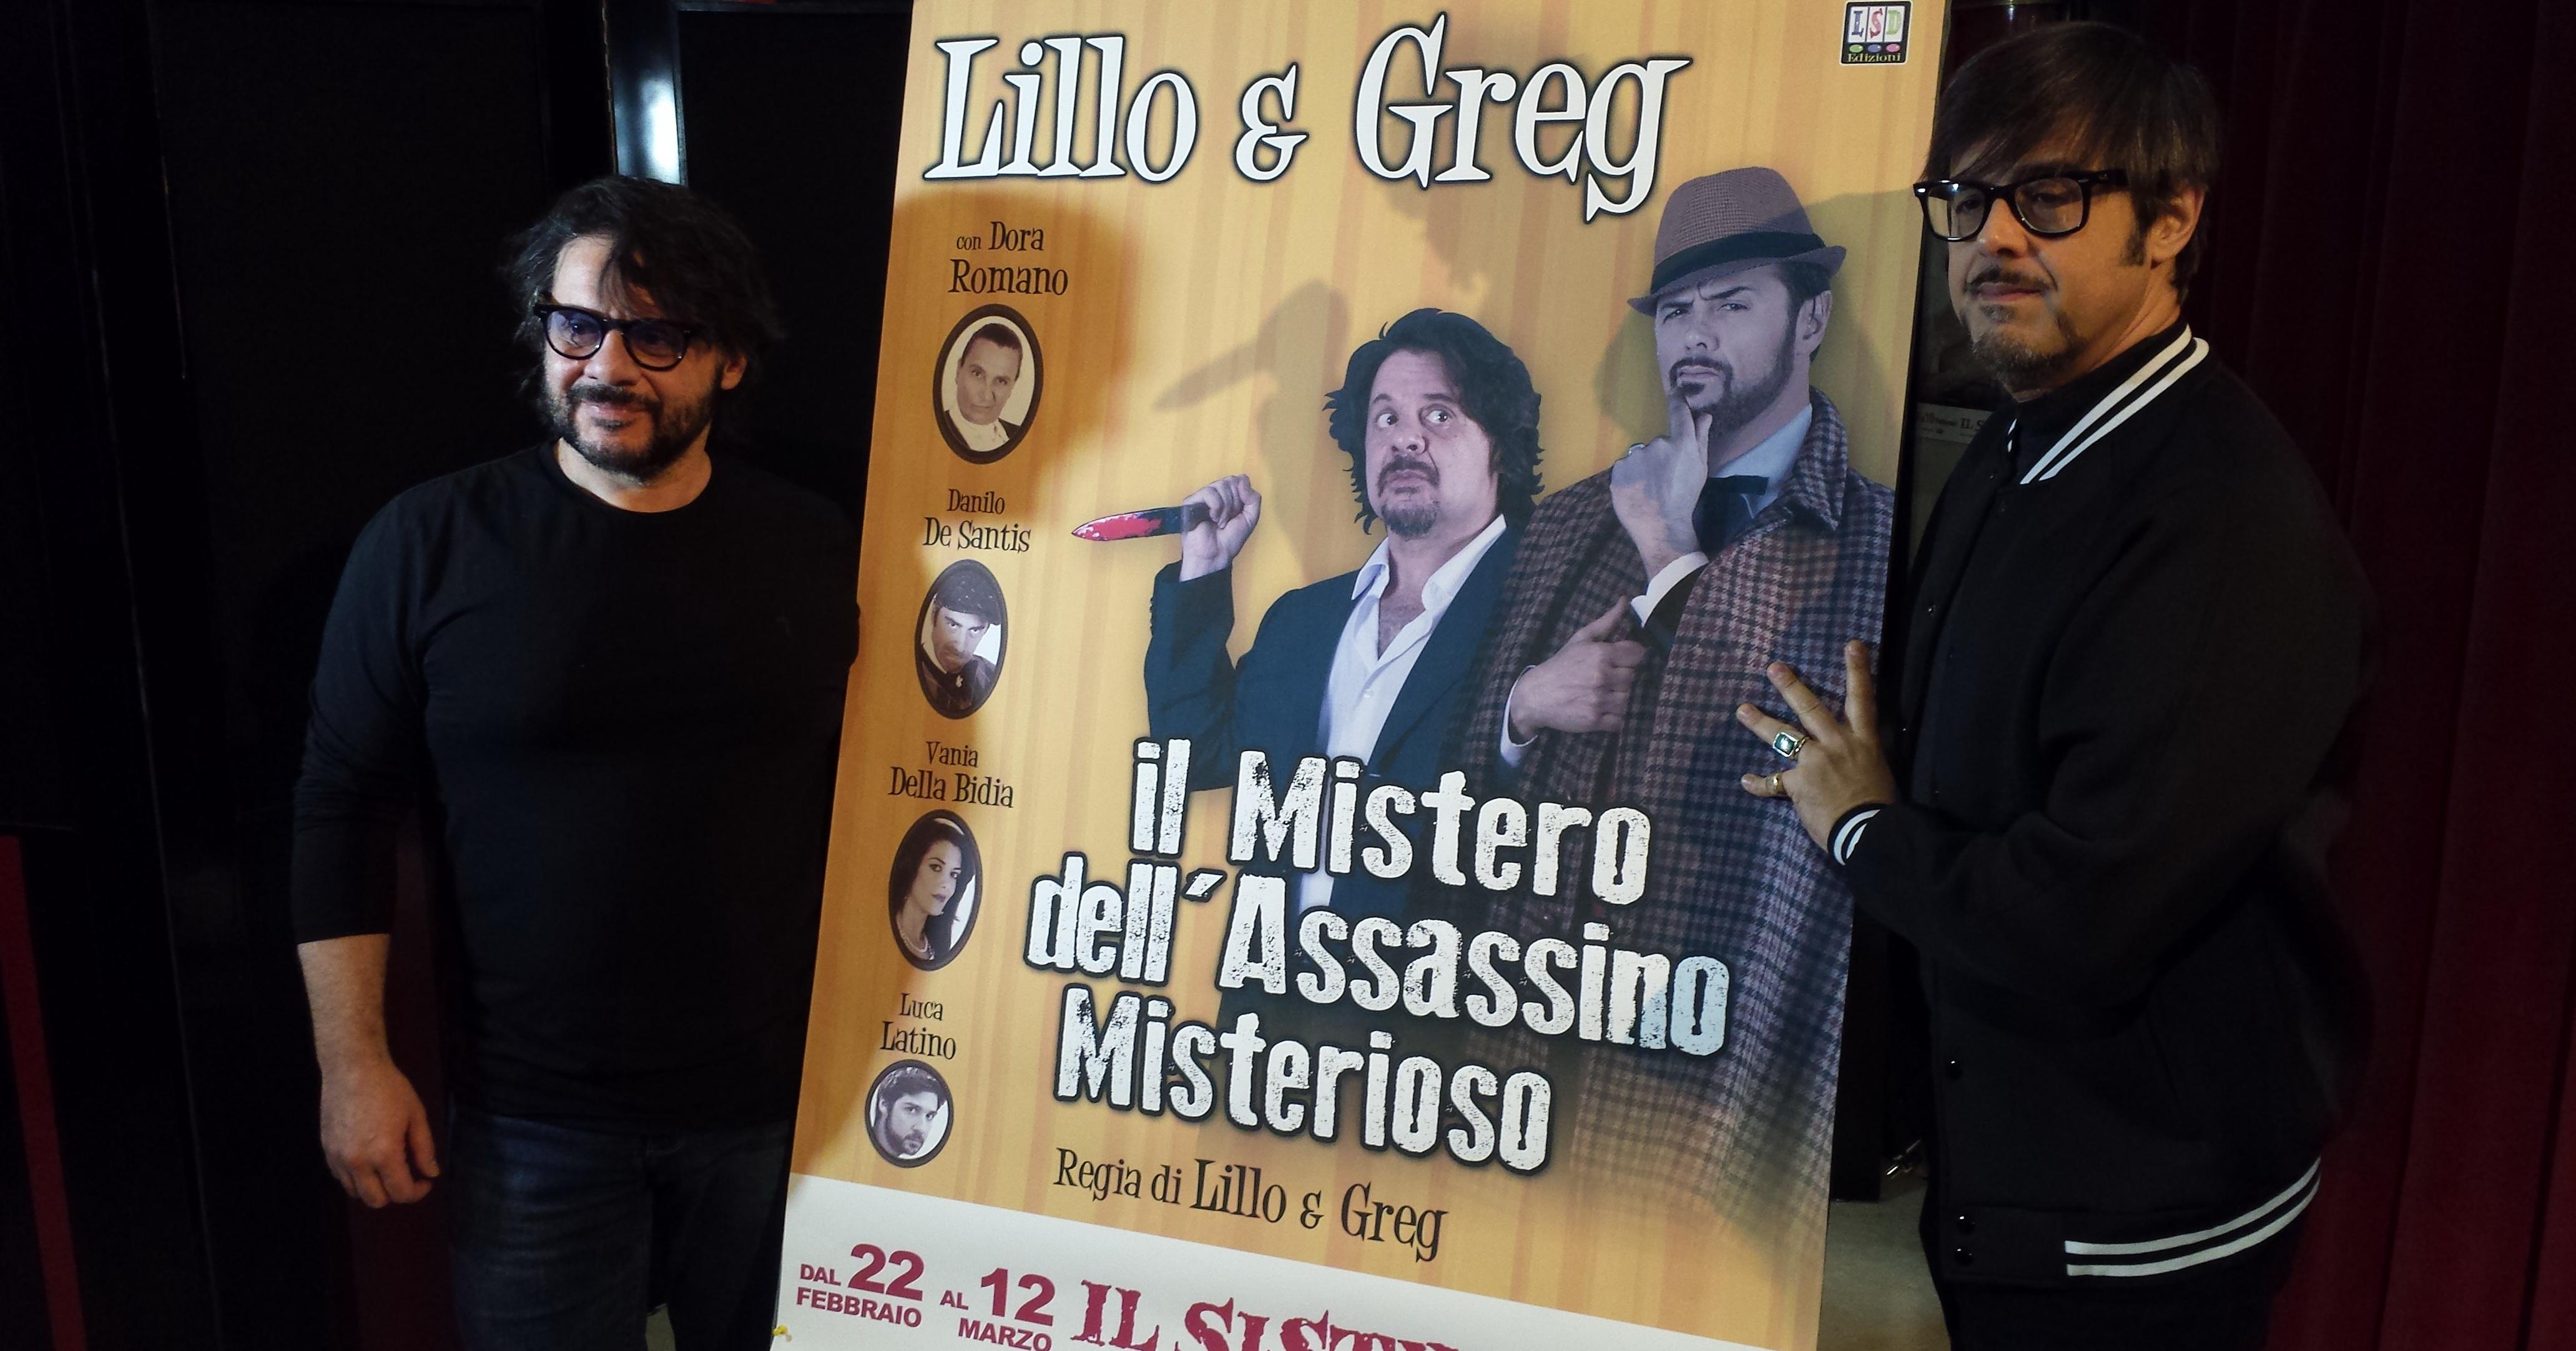 Lillo & Greg debuttano al Teatro Sistina con Il mistero dell'assassino misterioso, dal 22 febbraio al 12 marzo. Lillo & Greg,che formano la storica coppiacomica protagonista in tv e in […]